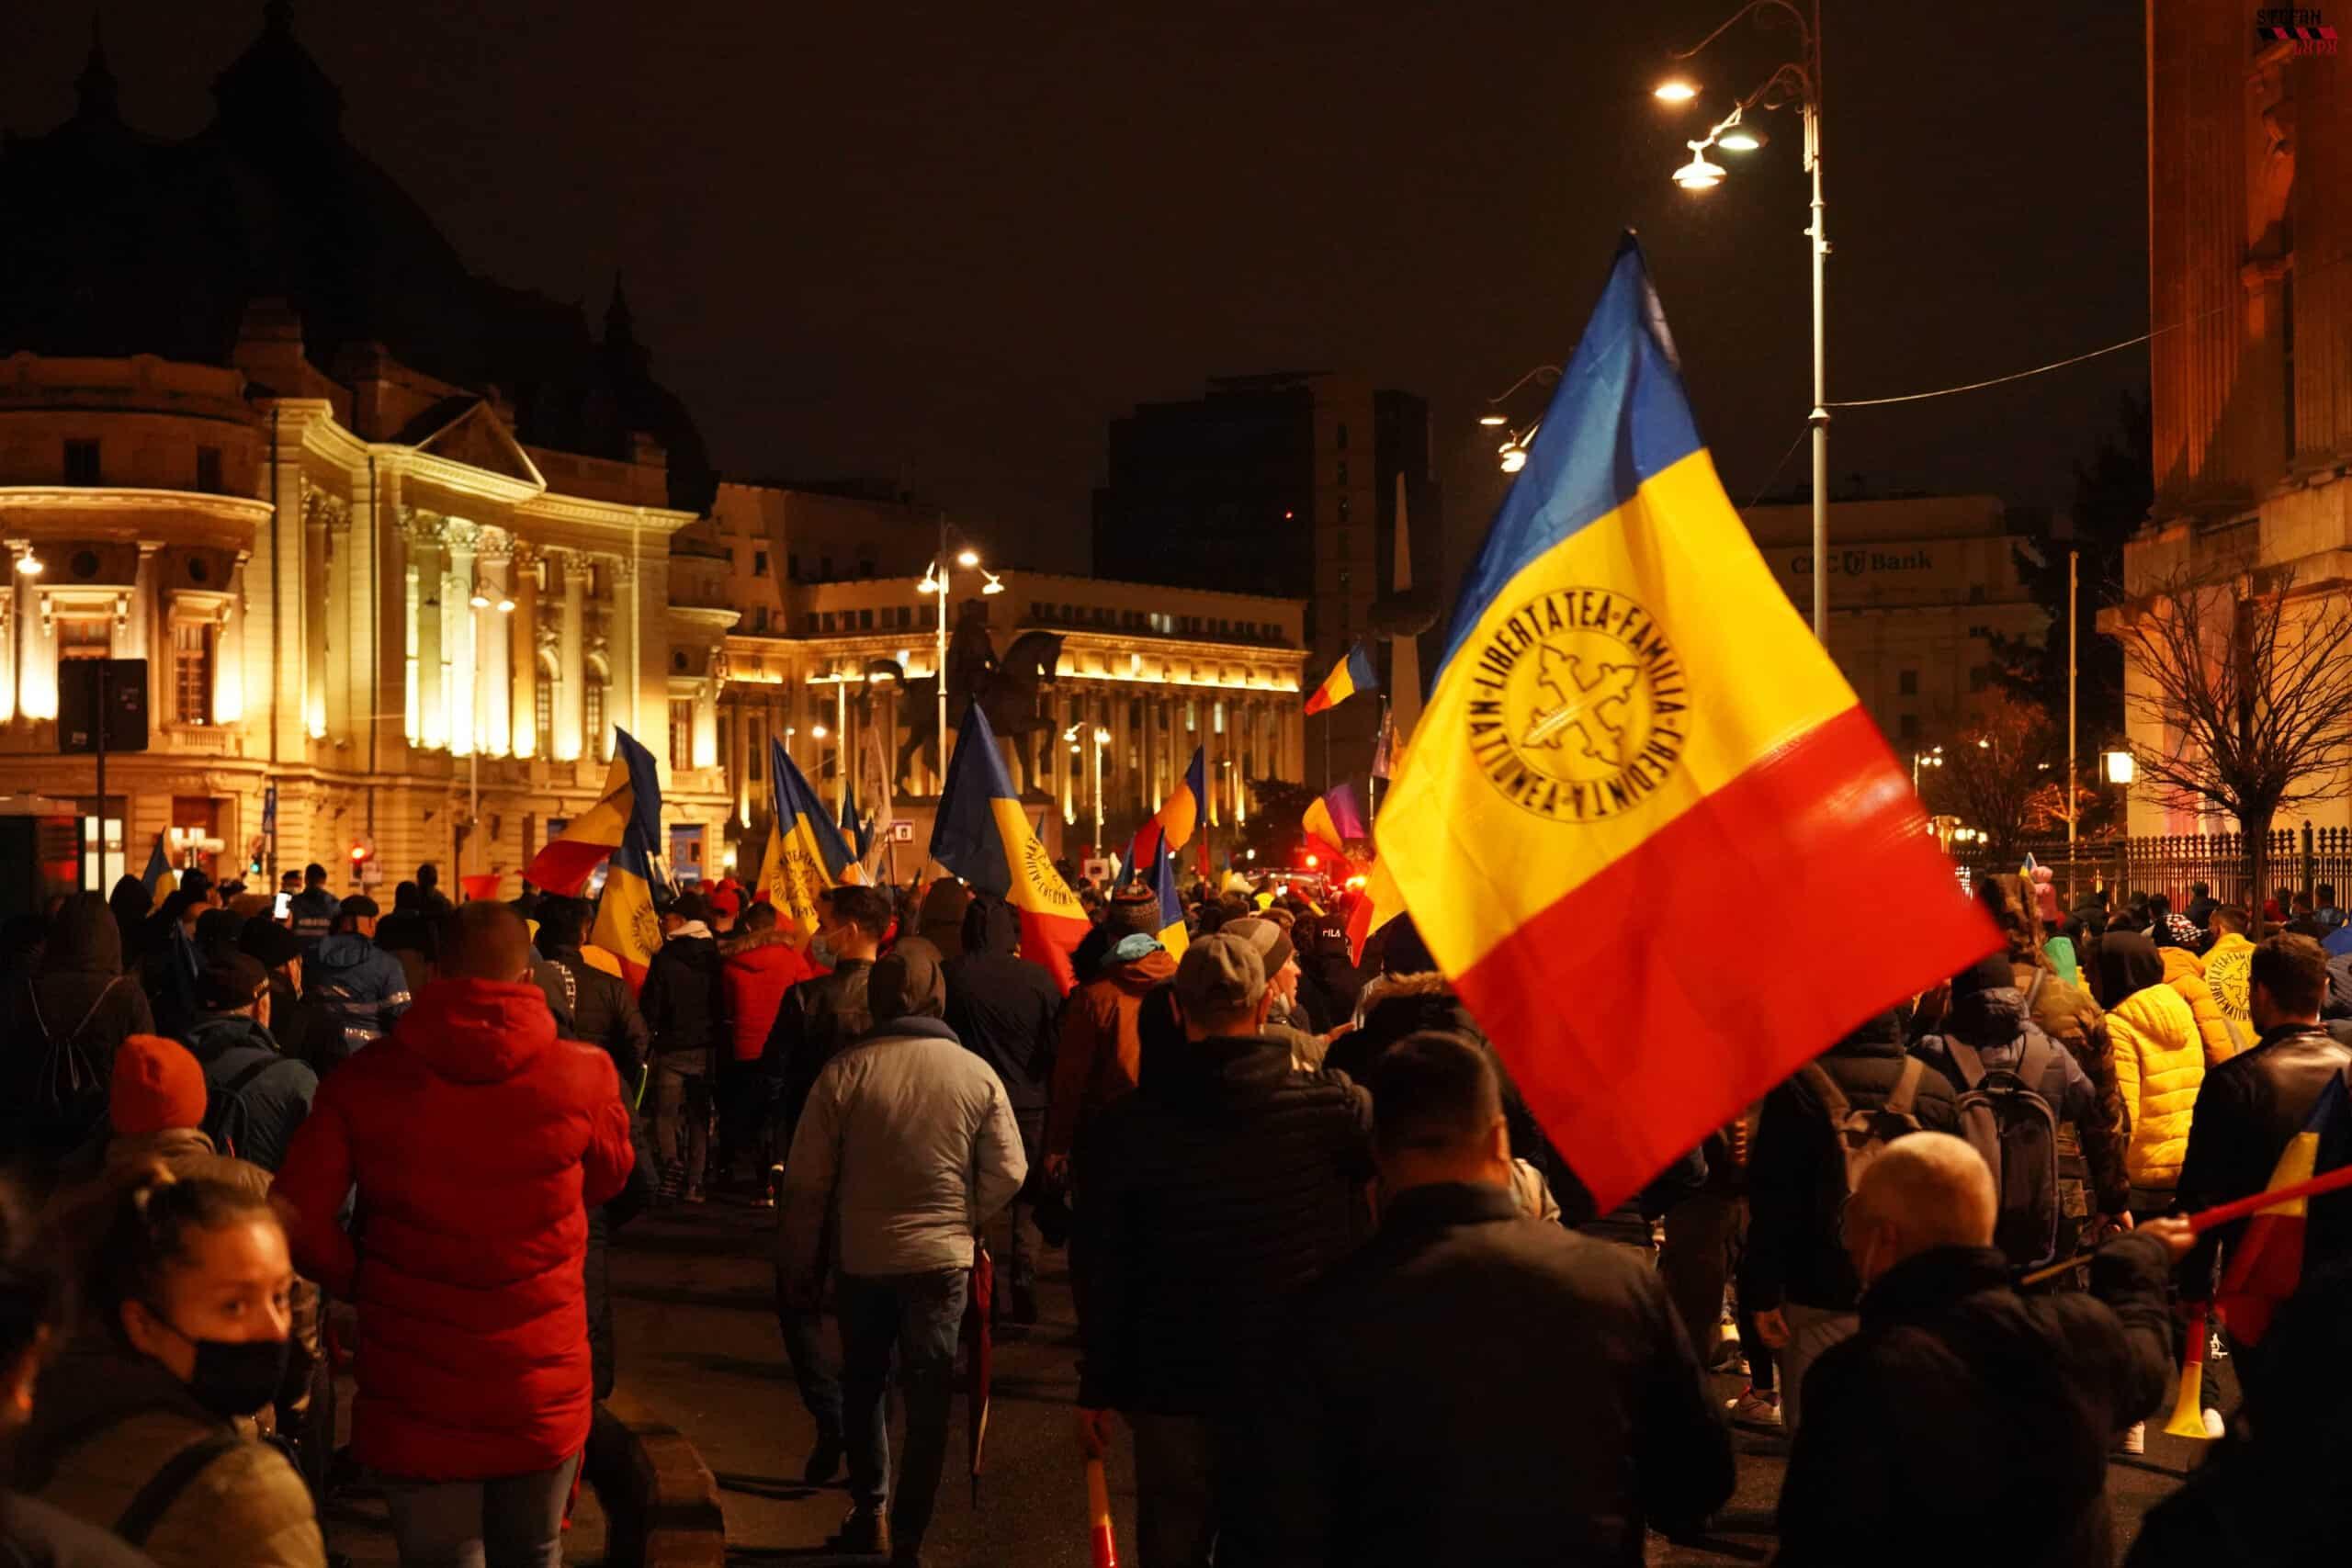 Degeaba se mint USR, PNL și PSD: majoritatea protestatarilor erau susținători AUR